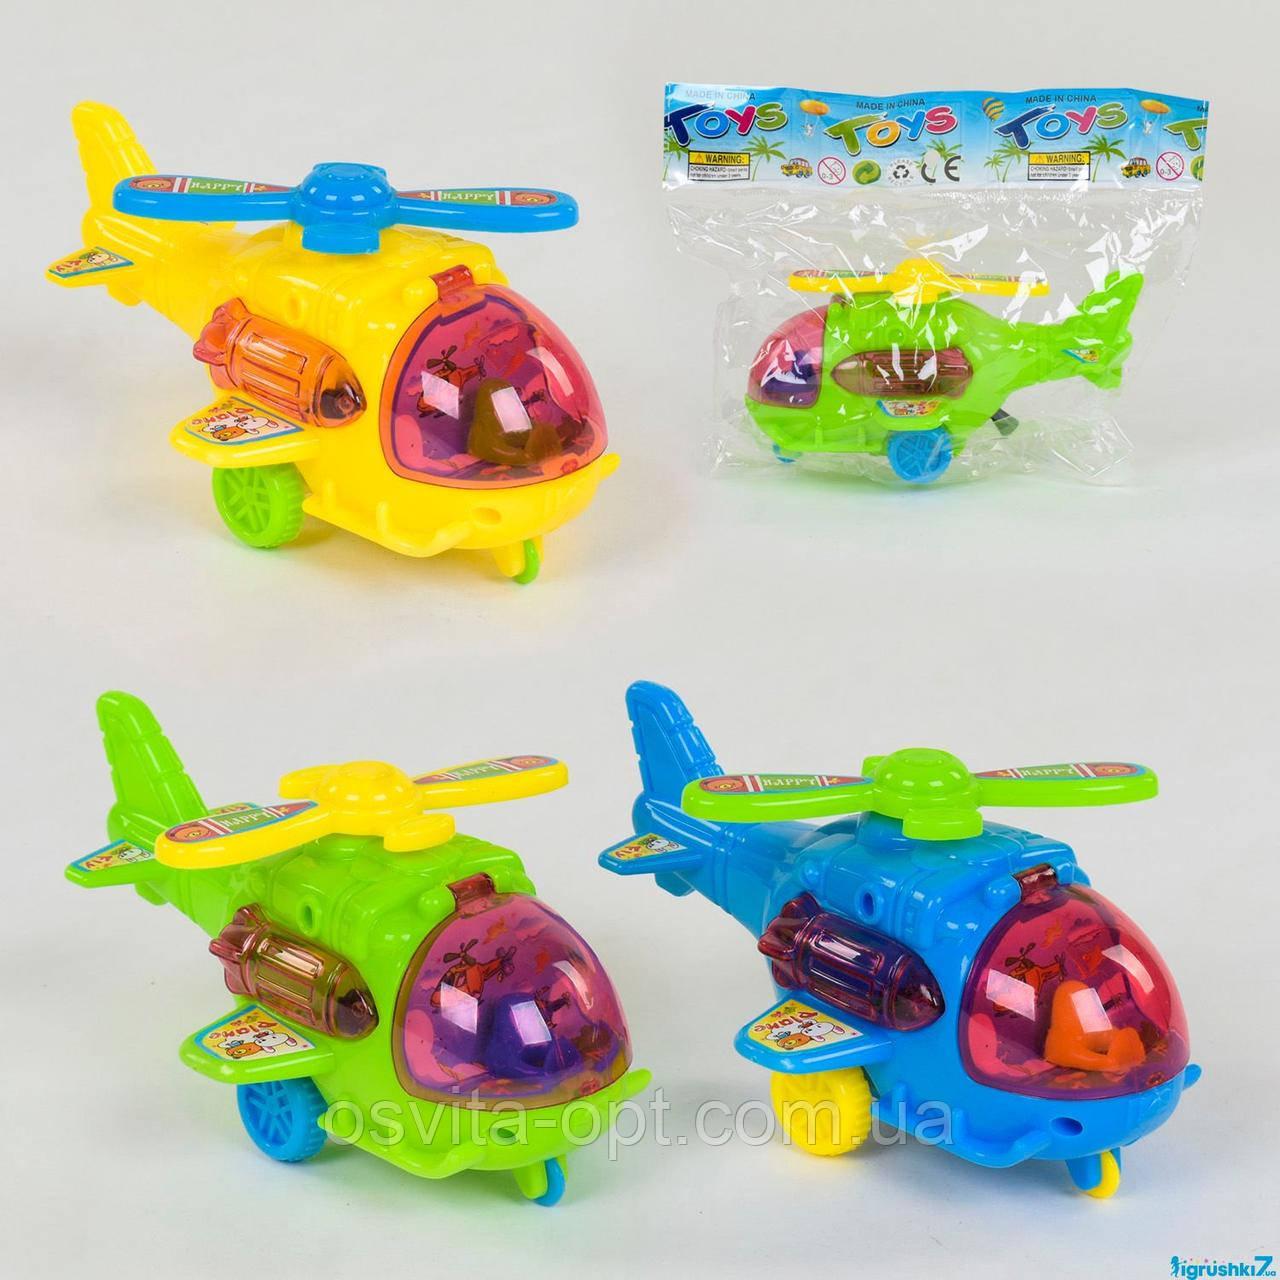 Вертолёт заводной 551-1 (480/2) 3 цвета, в кульке